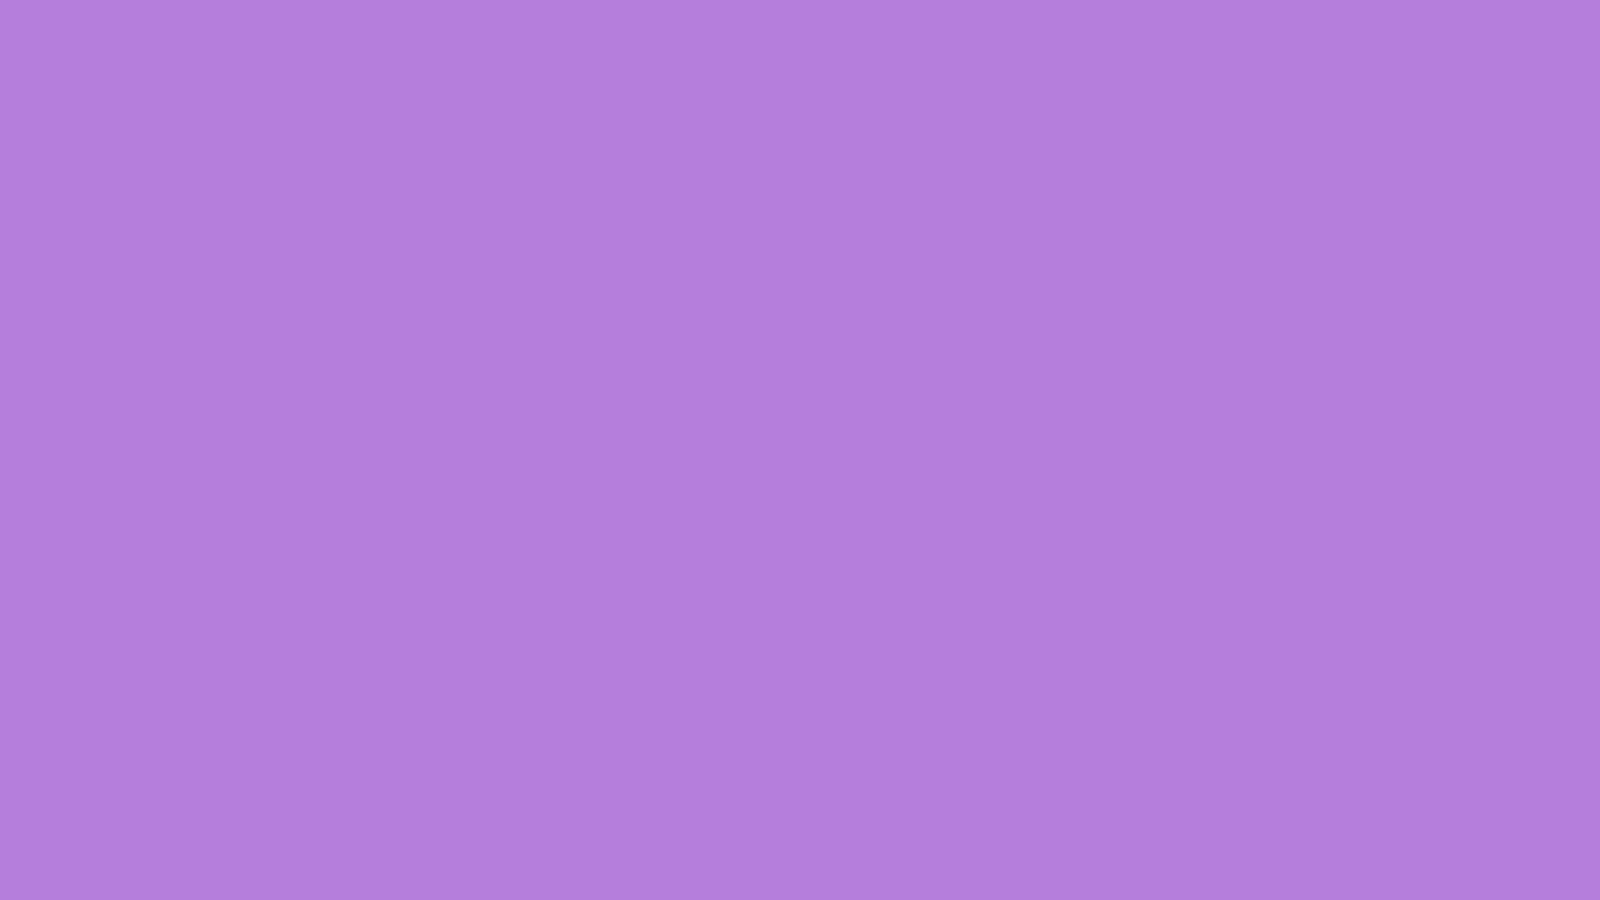 1600x900 Lavender Floral Solid Color Background